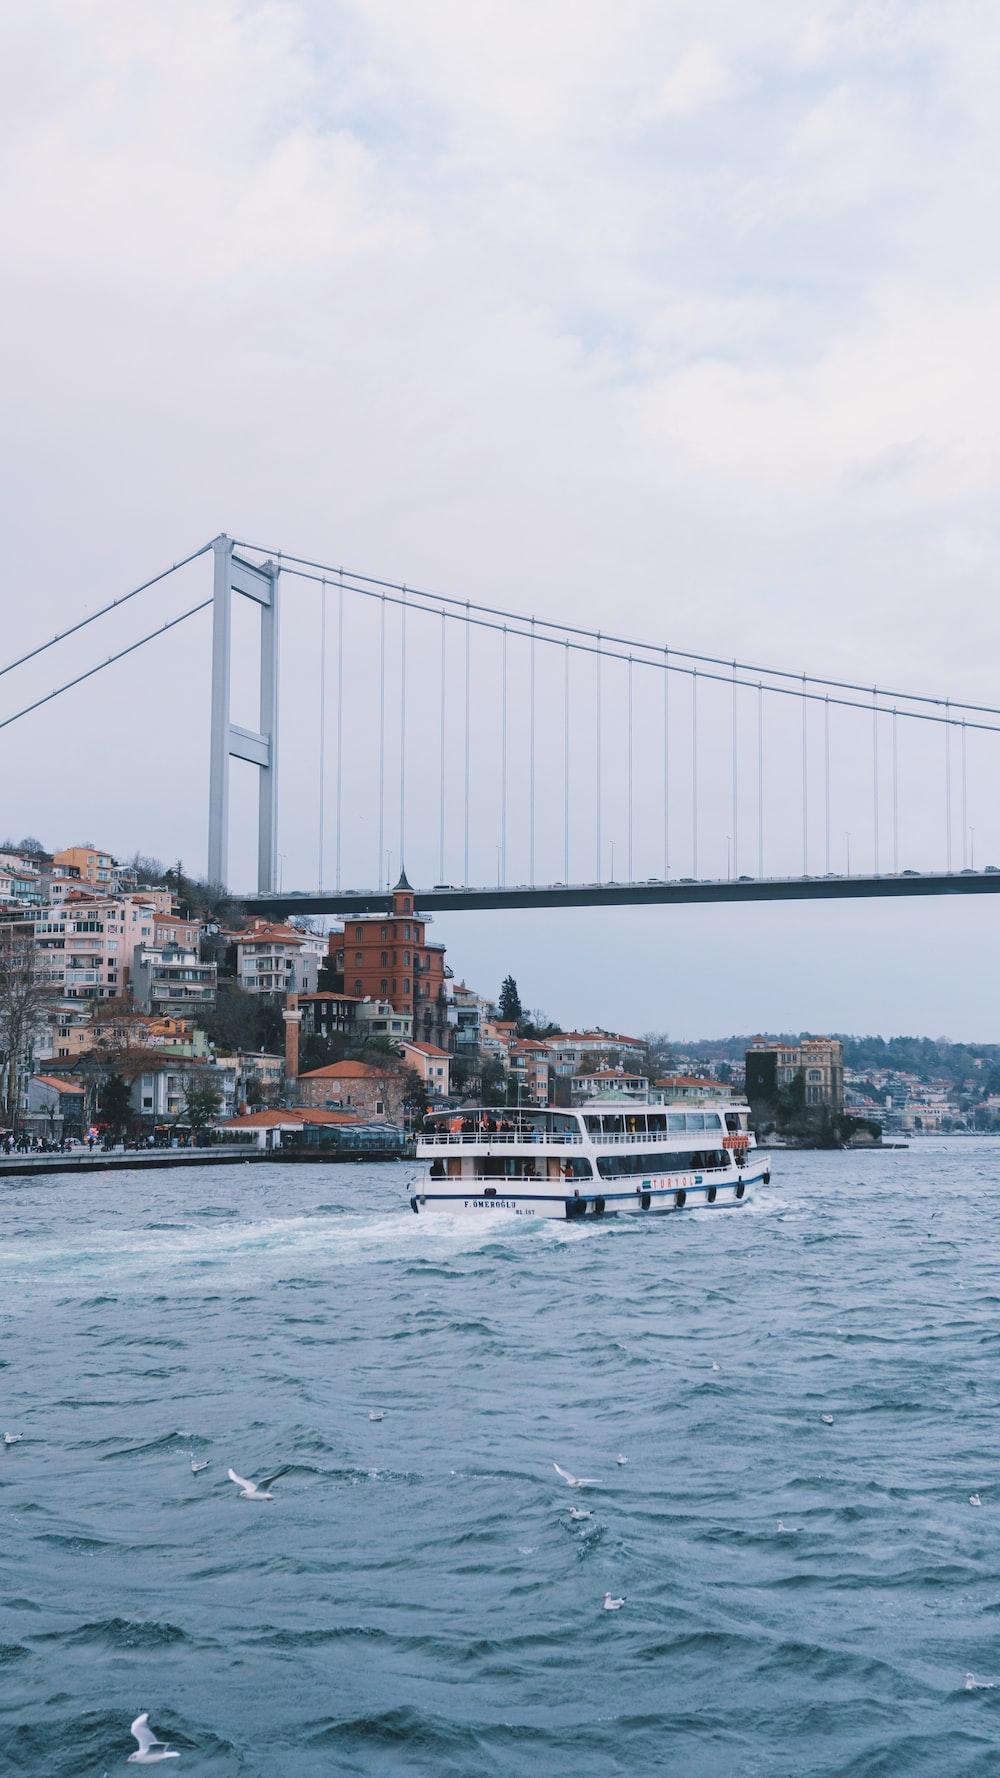 white boat on water near bridge during daytime